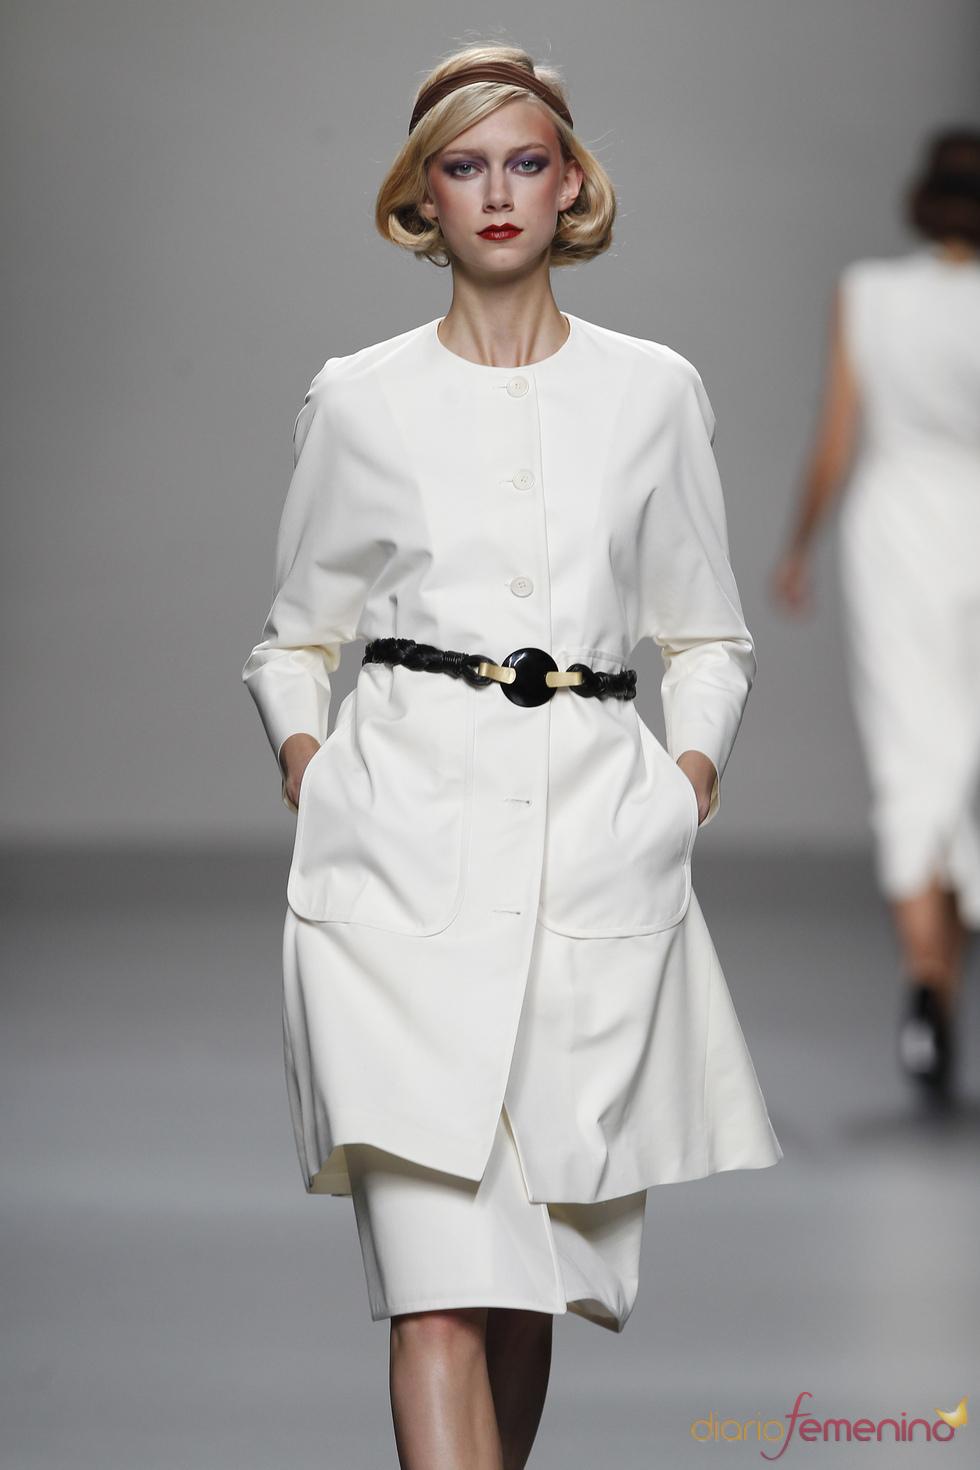 Modelo en tono blanco de Lemoniez para el verano de 2011